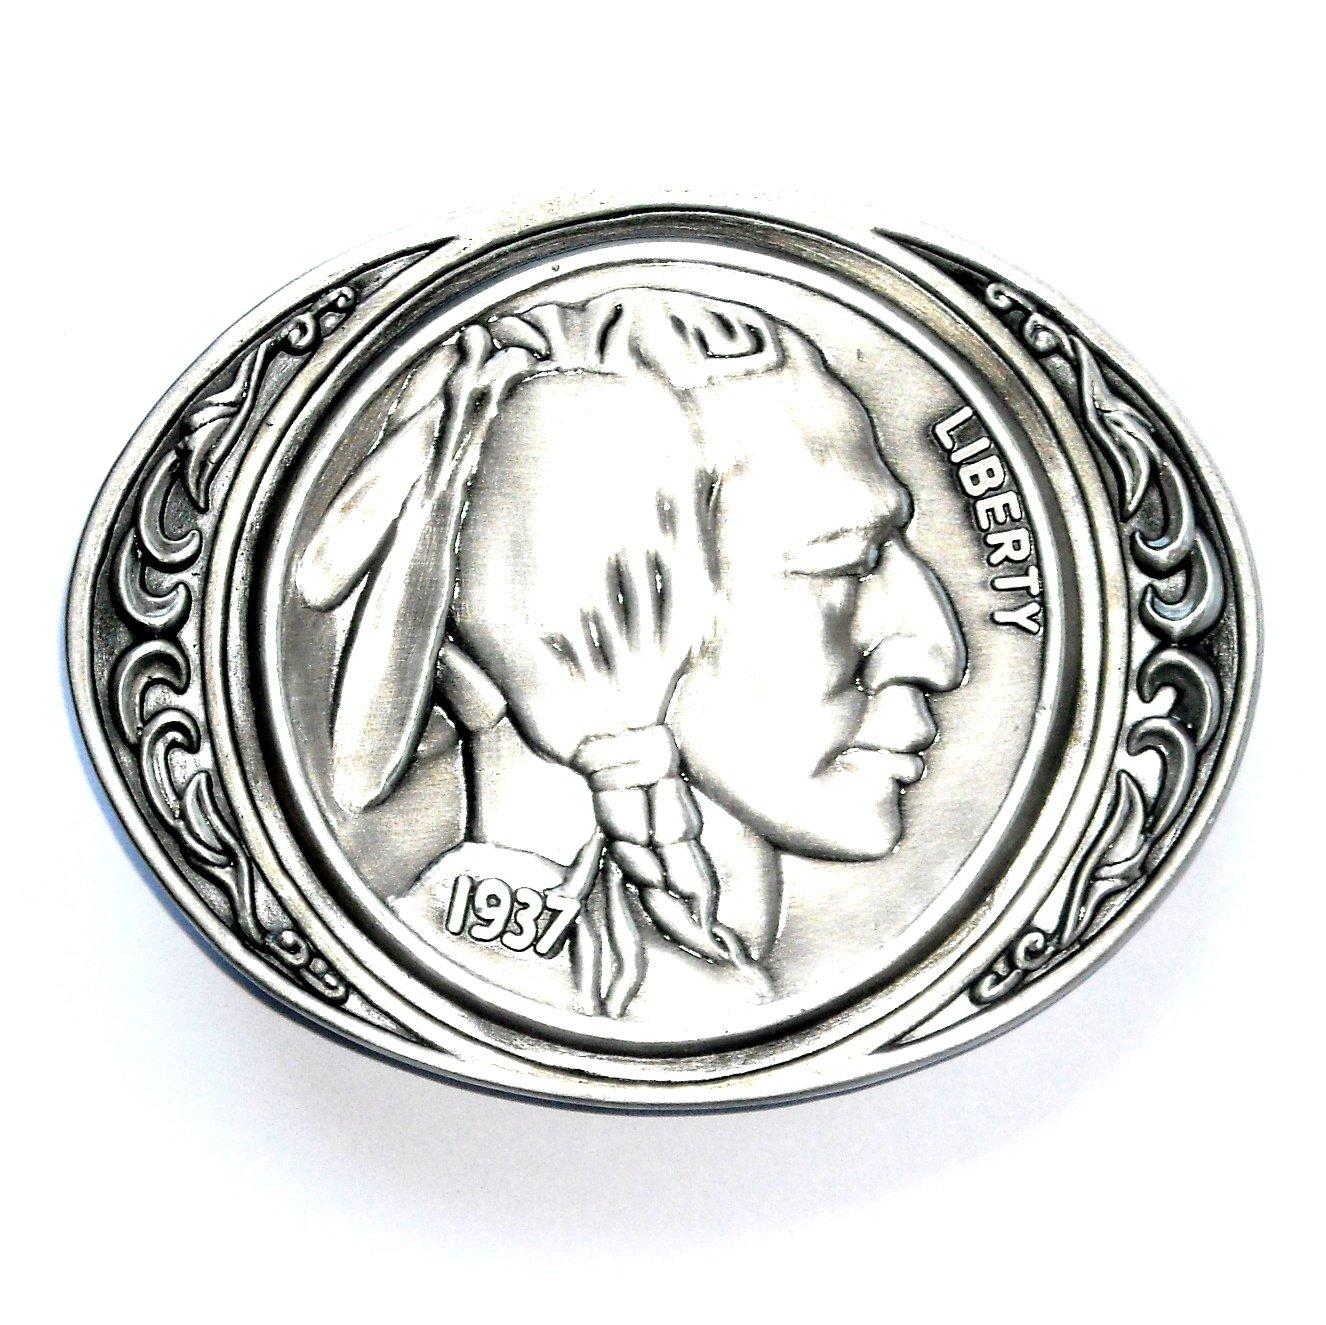 Indian Head 1937 Nickel Siskiyou Pewter Belt Buckle